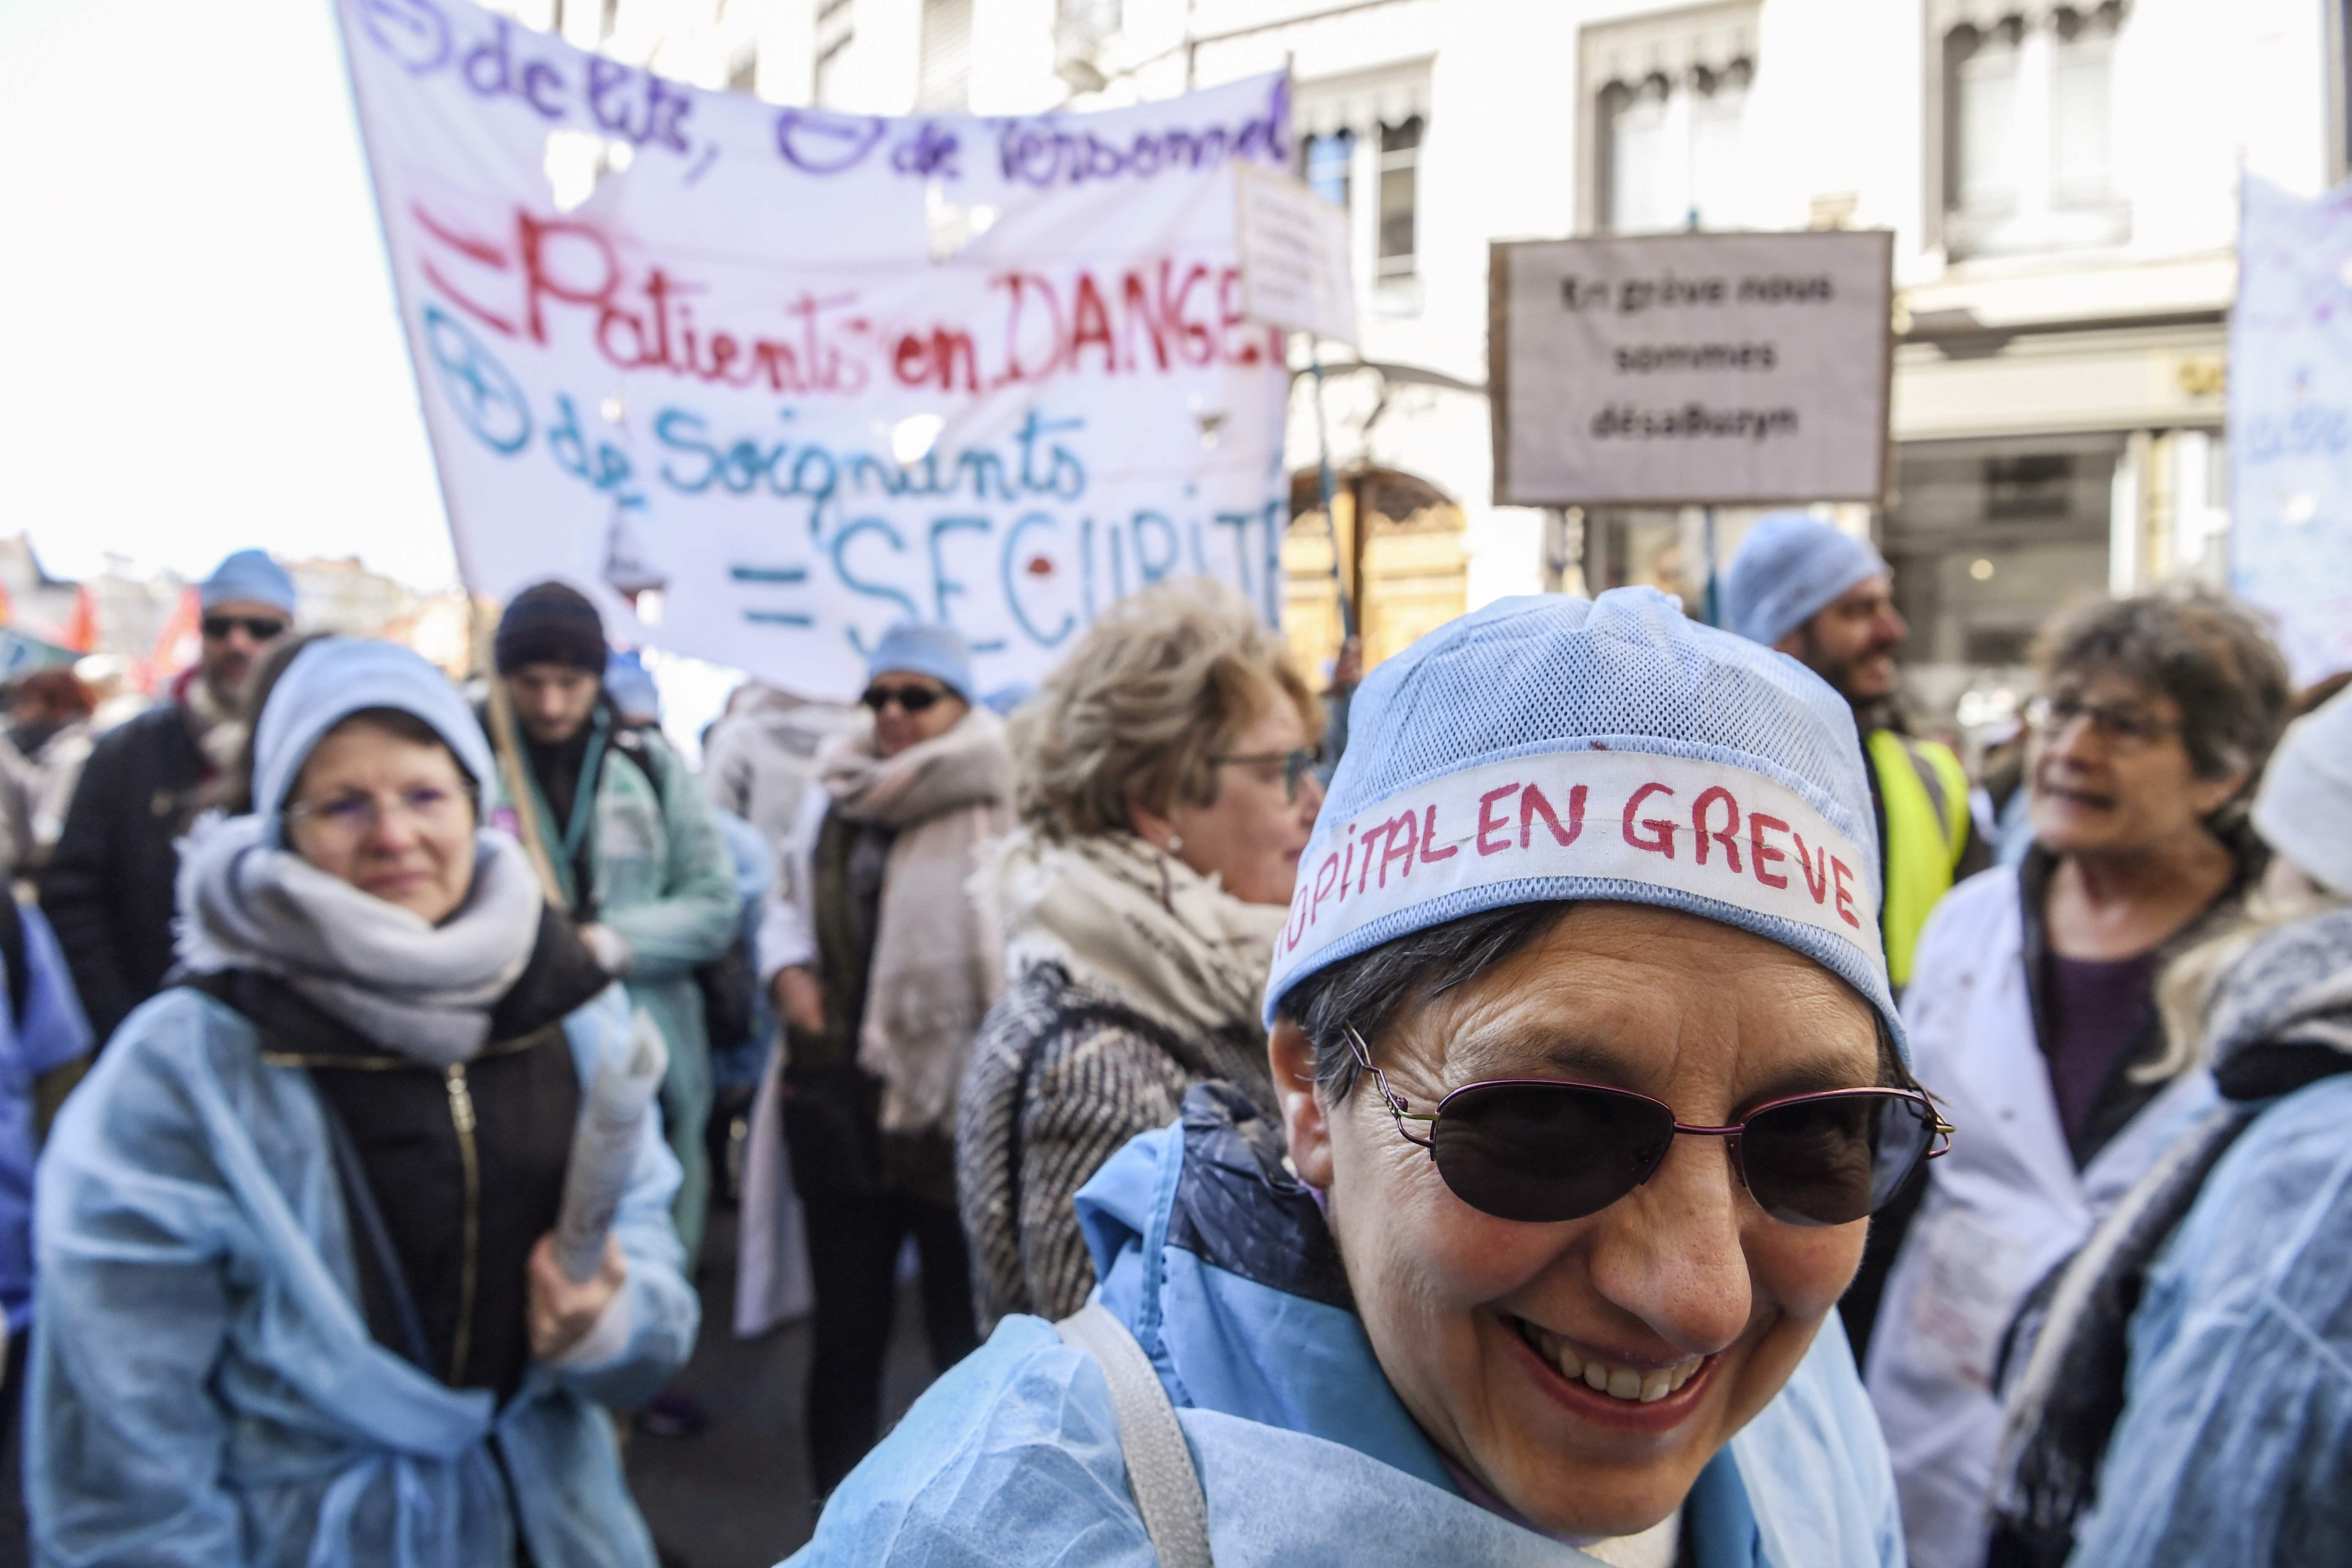 جانب من الاحتجاجات فى فرنسا ضد قرارات ماكرون